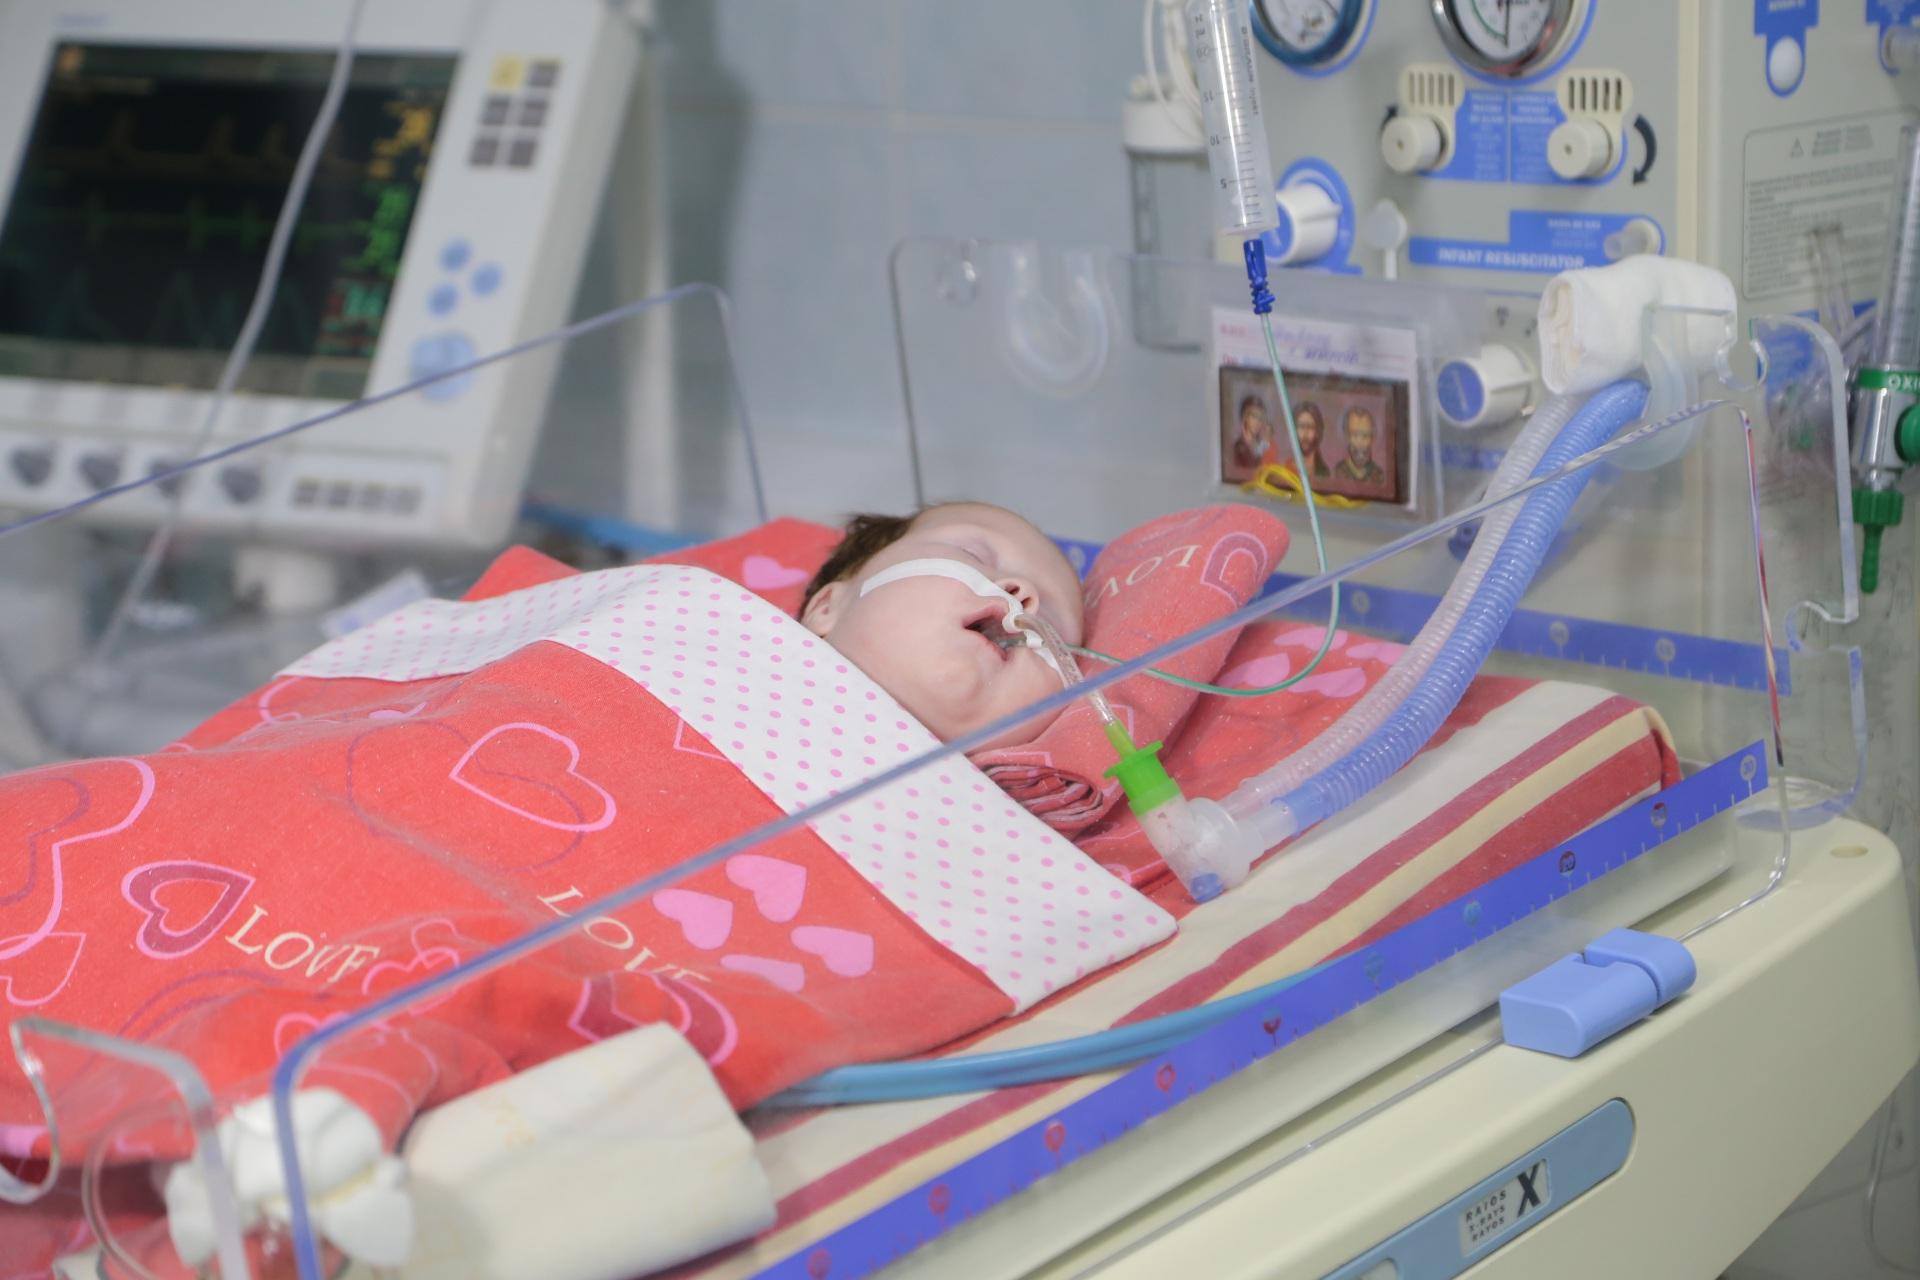 Спасти ребенка: сыктывкарская семья нуждается в дорогих медикаментах на лечение дочери